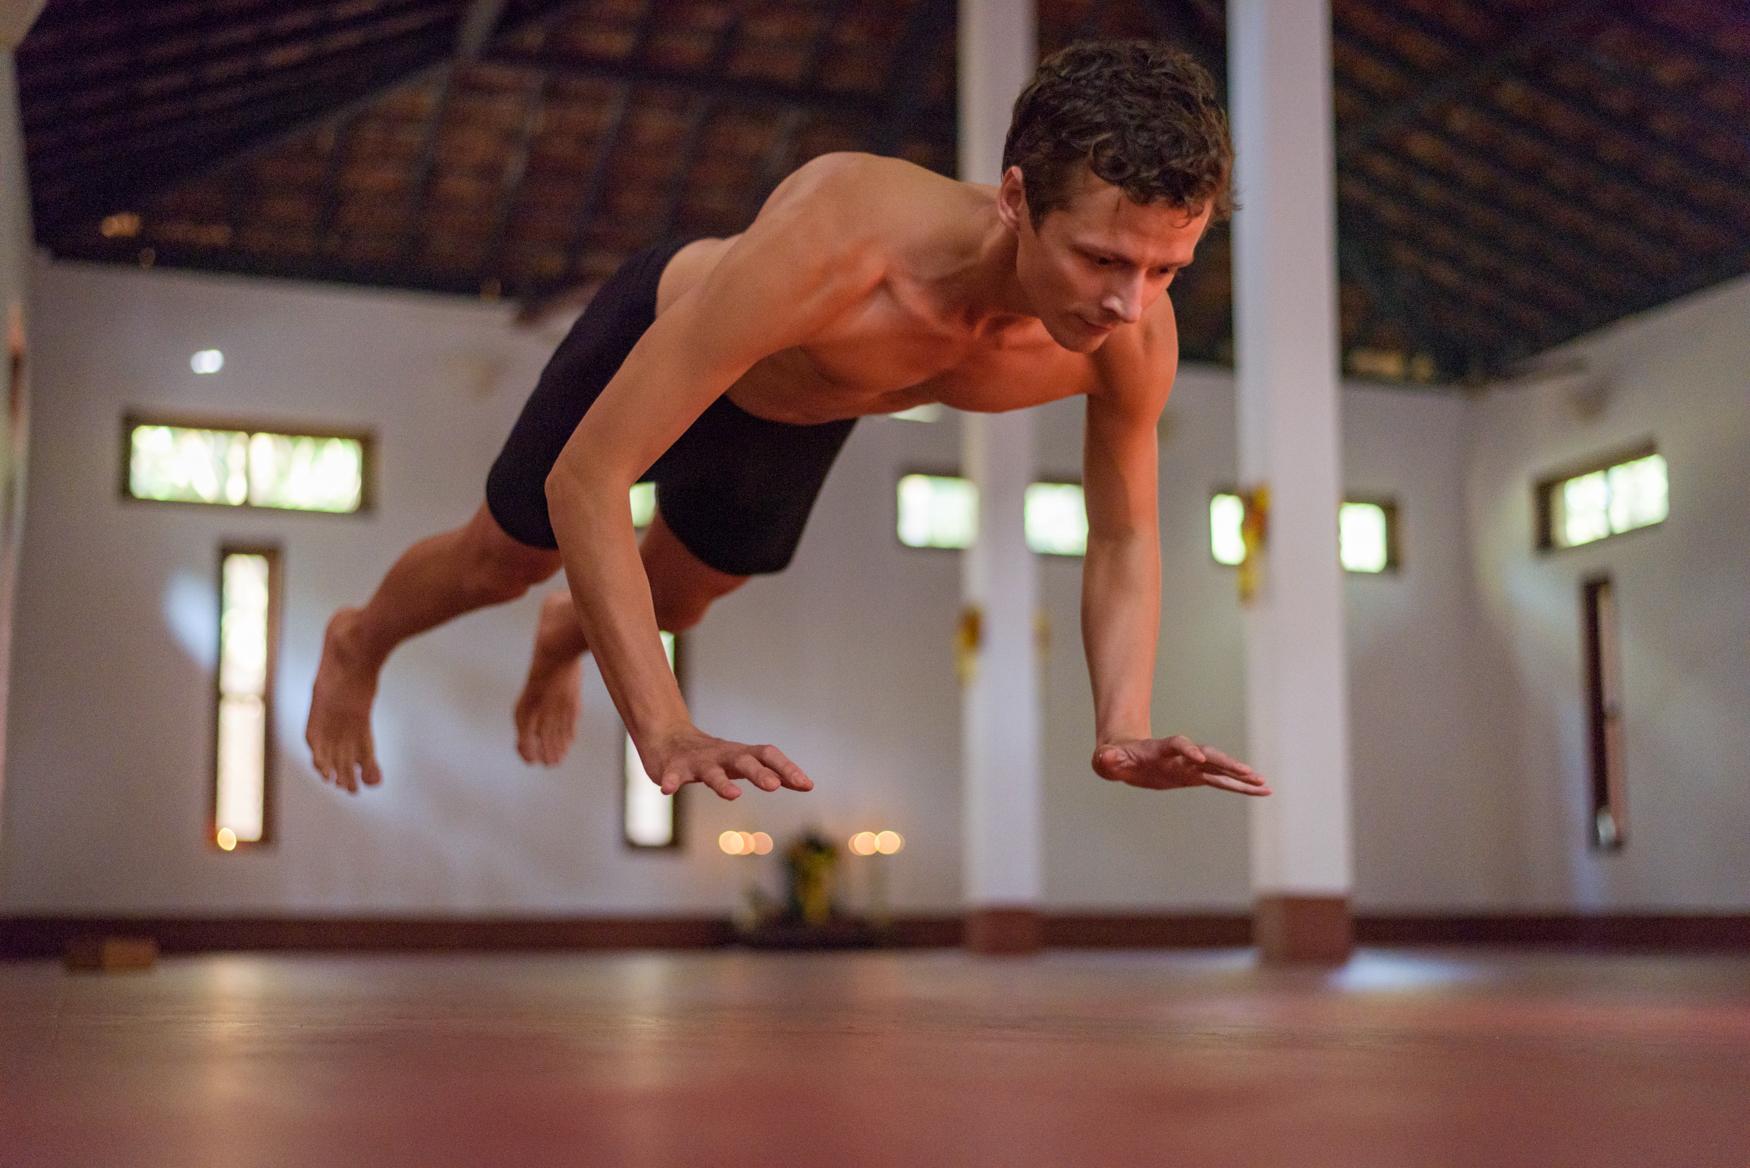 Yoga-Asana-Photography-Costa-Rica-31.jpg